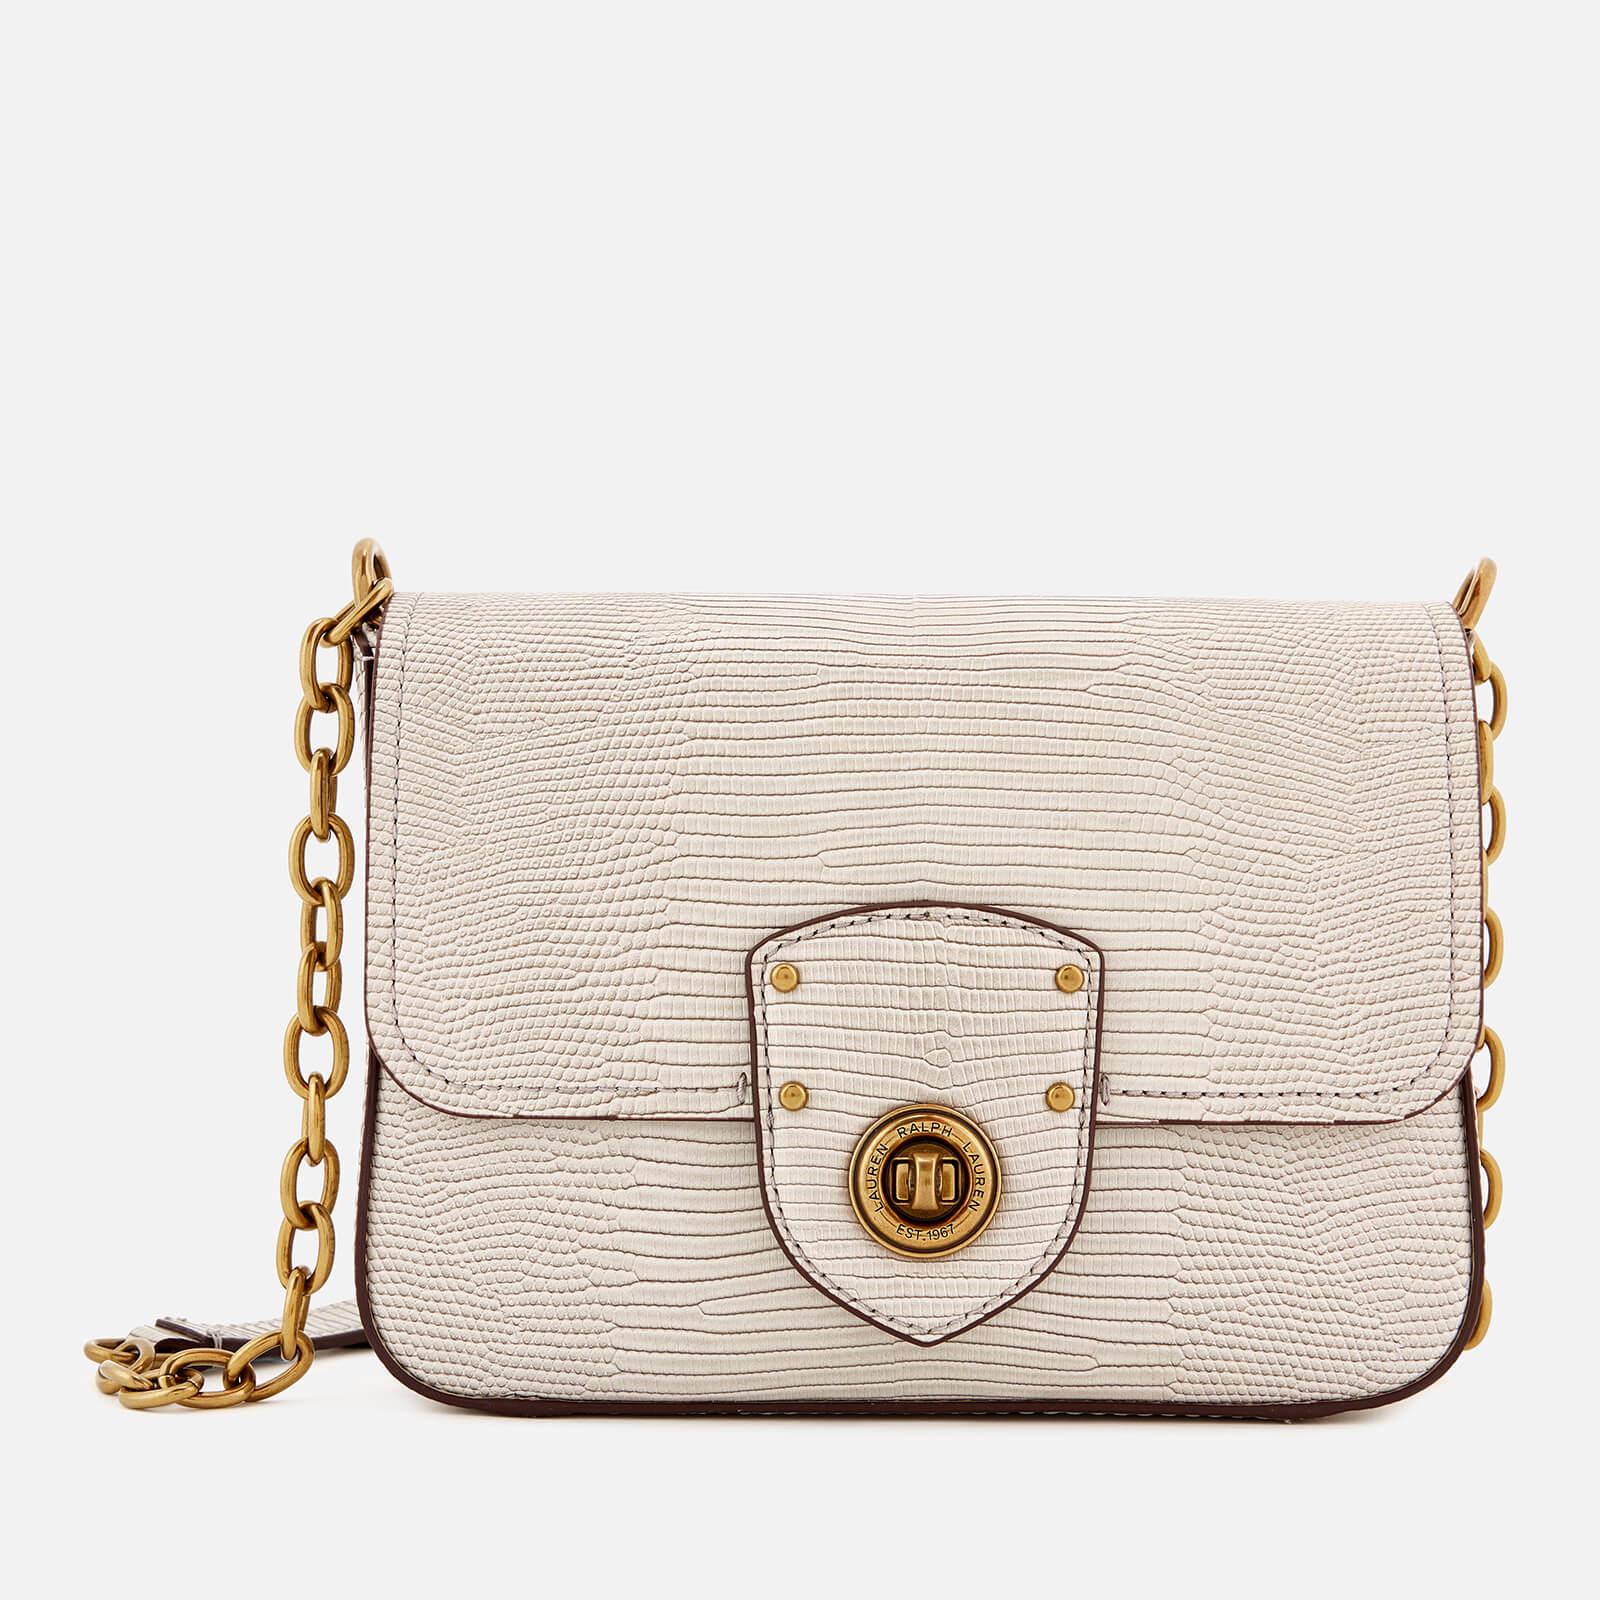 new season agreatvarietyofmodels unbeatable price Lauren Ralph Lauren Women's Millbrook Chain Cross Body Bag - Grey